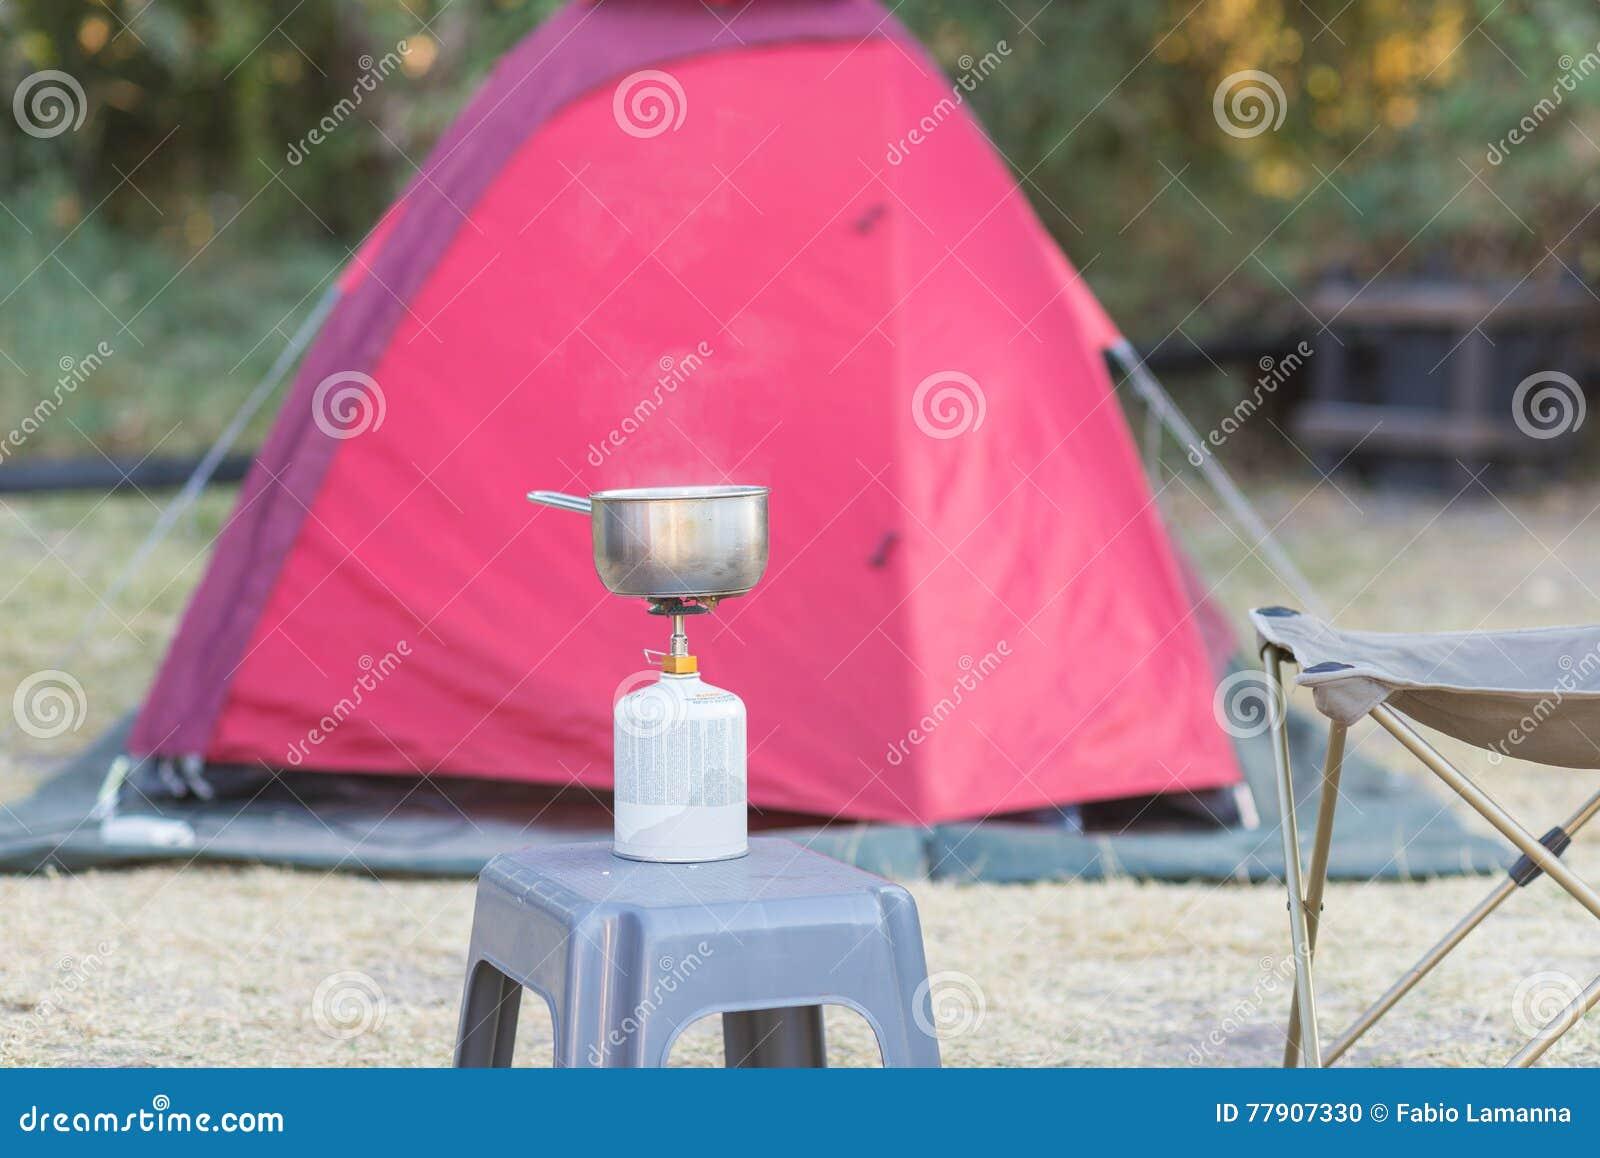 Kochen Mit Gasherd In Campingplatz Selektiver Fokus Auf Gasbrenner